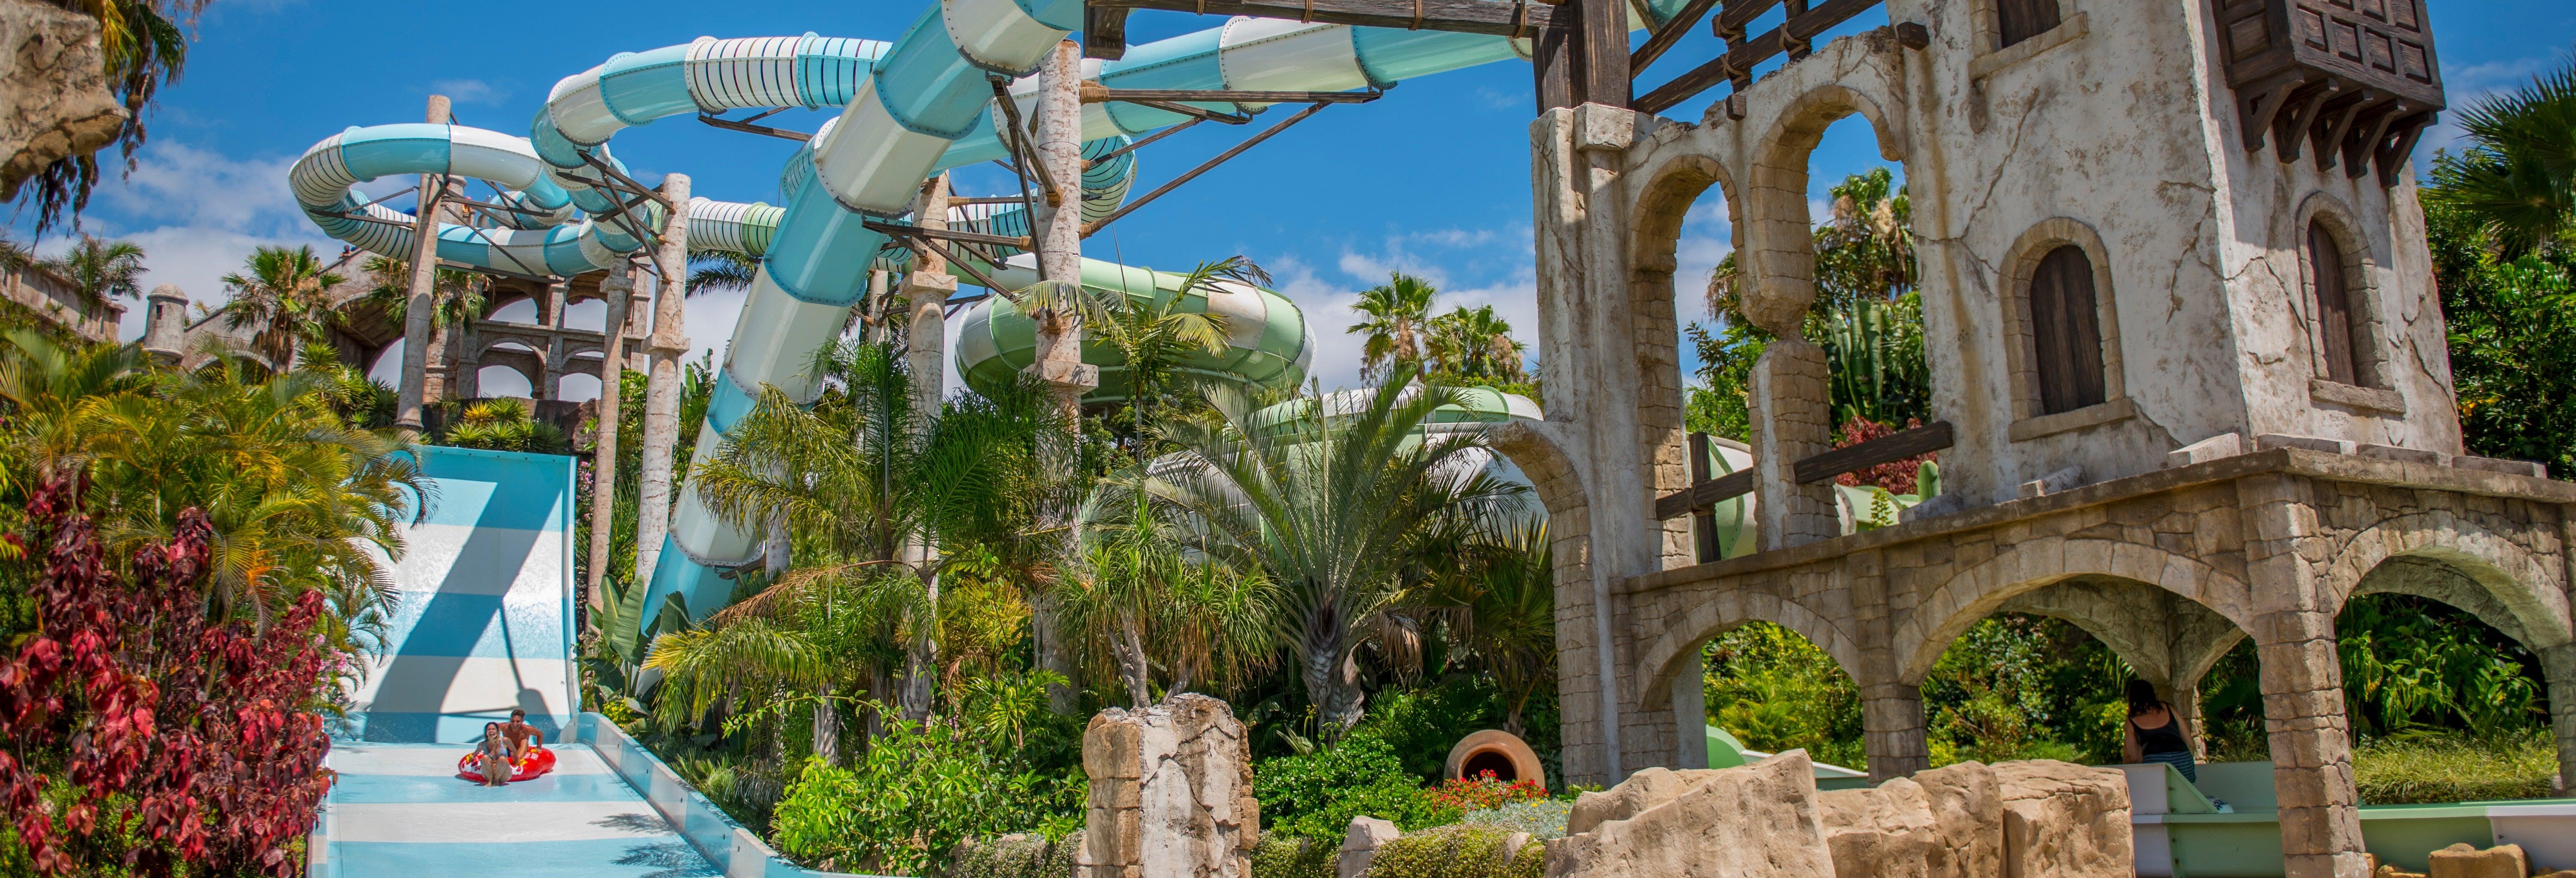 Ingresso do Aqualand Costa Adeje